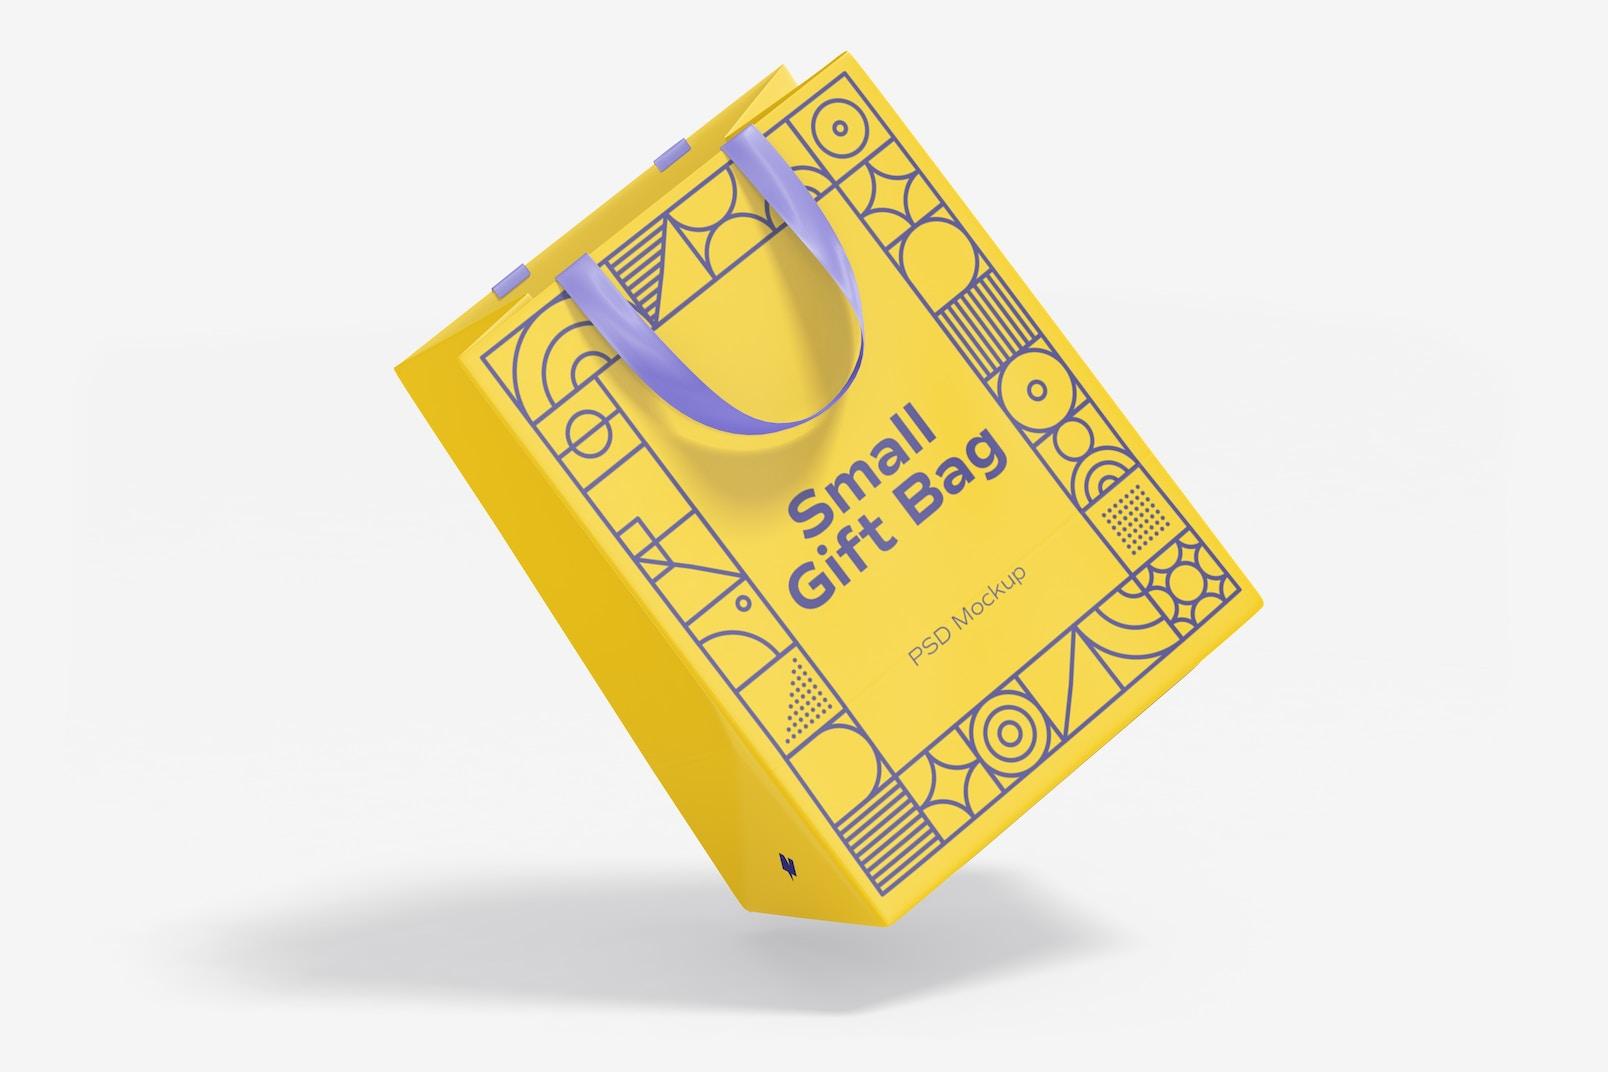 Small Gift Bag with Ribbon Handle Mockup, Falling